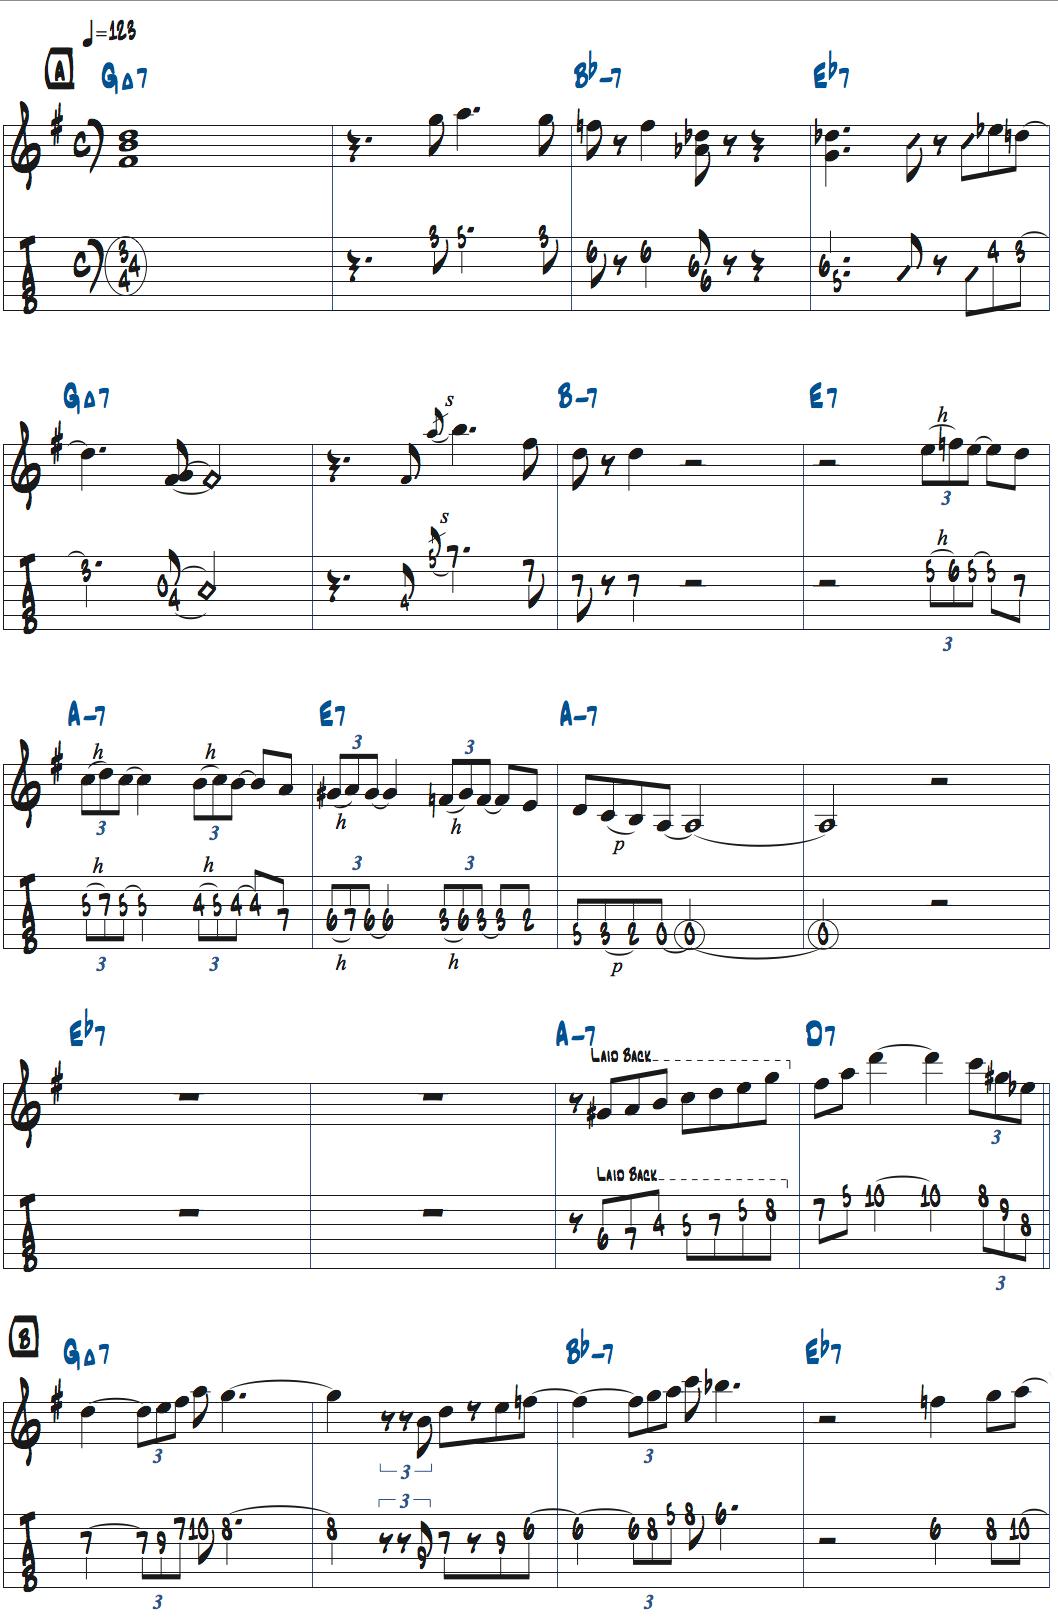 ジョナサン・クライスバーグOut Of Nowhereのアドリブ1コーラス目楽譜ページ1